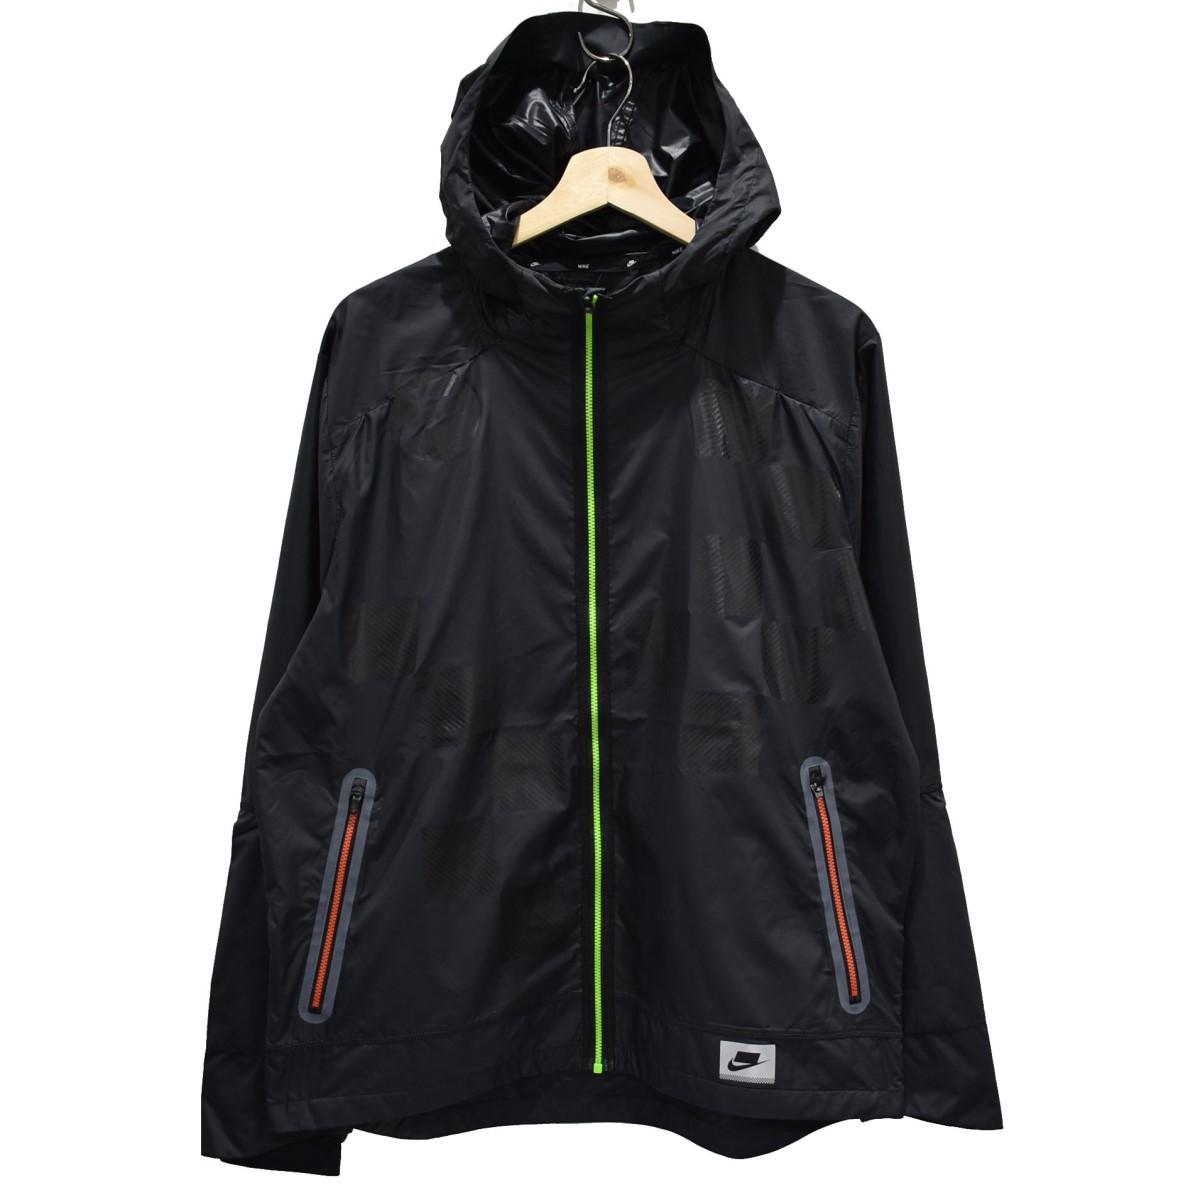 【中古】NIKE 19AW ワイルドラン シールドジャケット ブラック サイズ:L 【040520】(ナイキ)